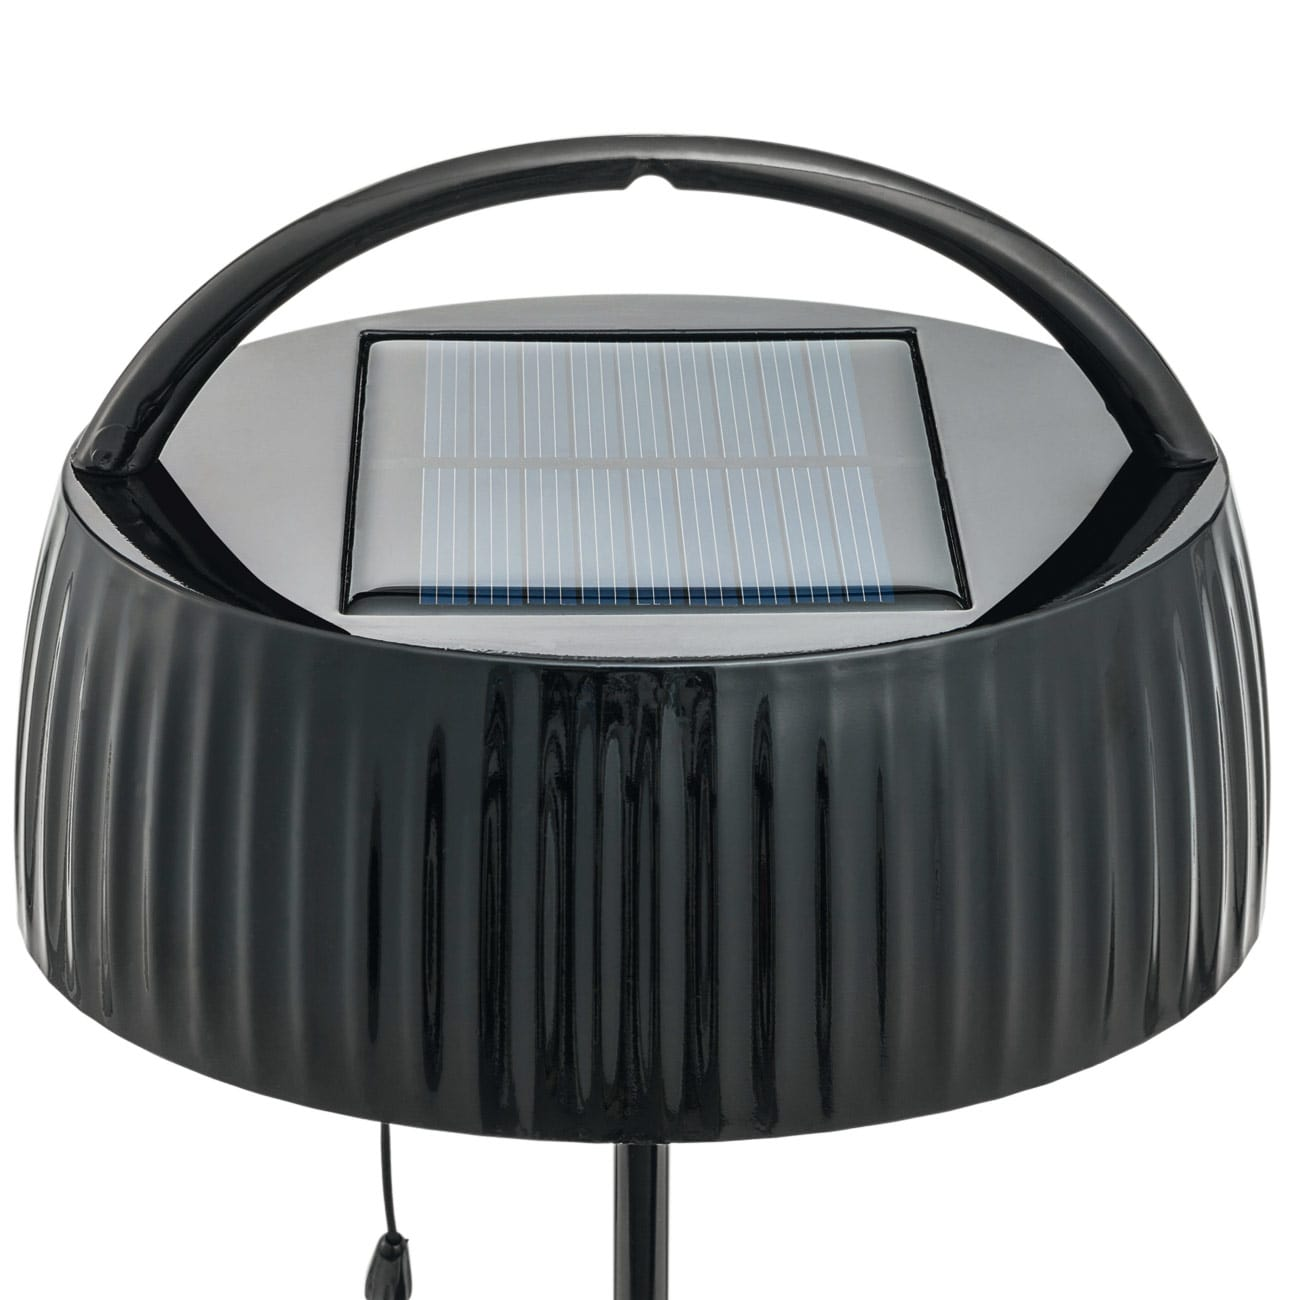 le solaire 192 poser achetez ce produit le solaire 224 poser en toute s 233 curit 233 sur eurotops